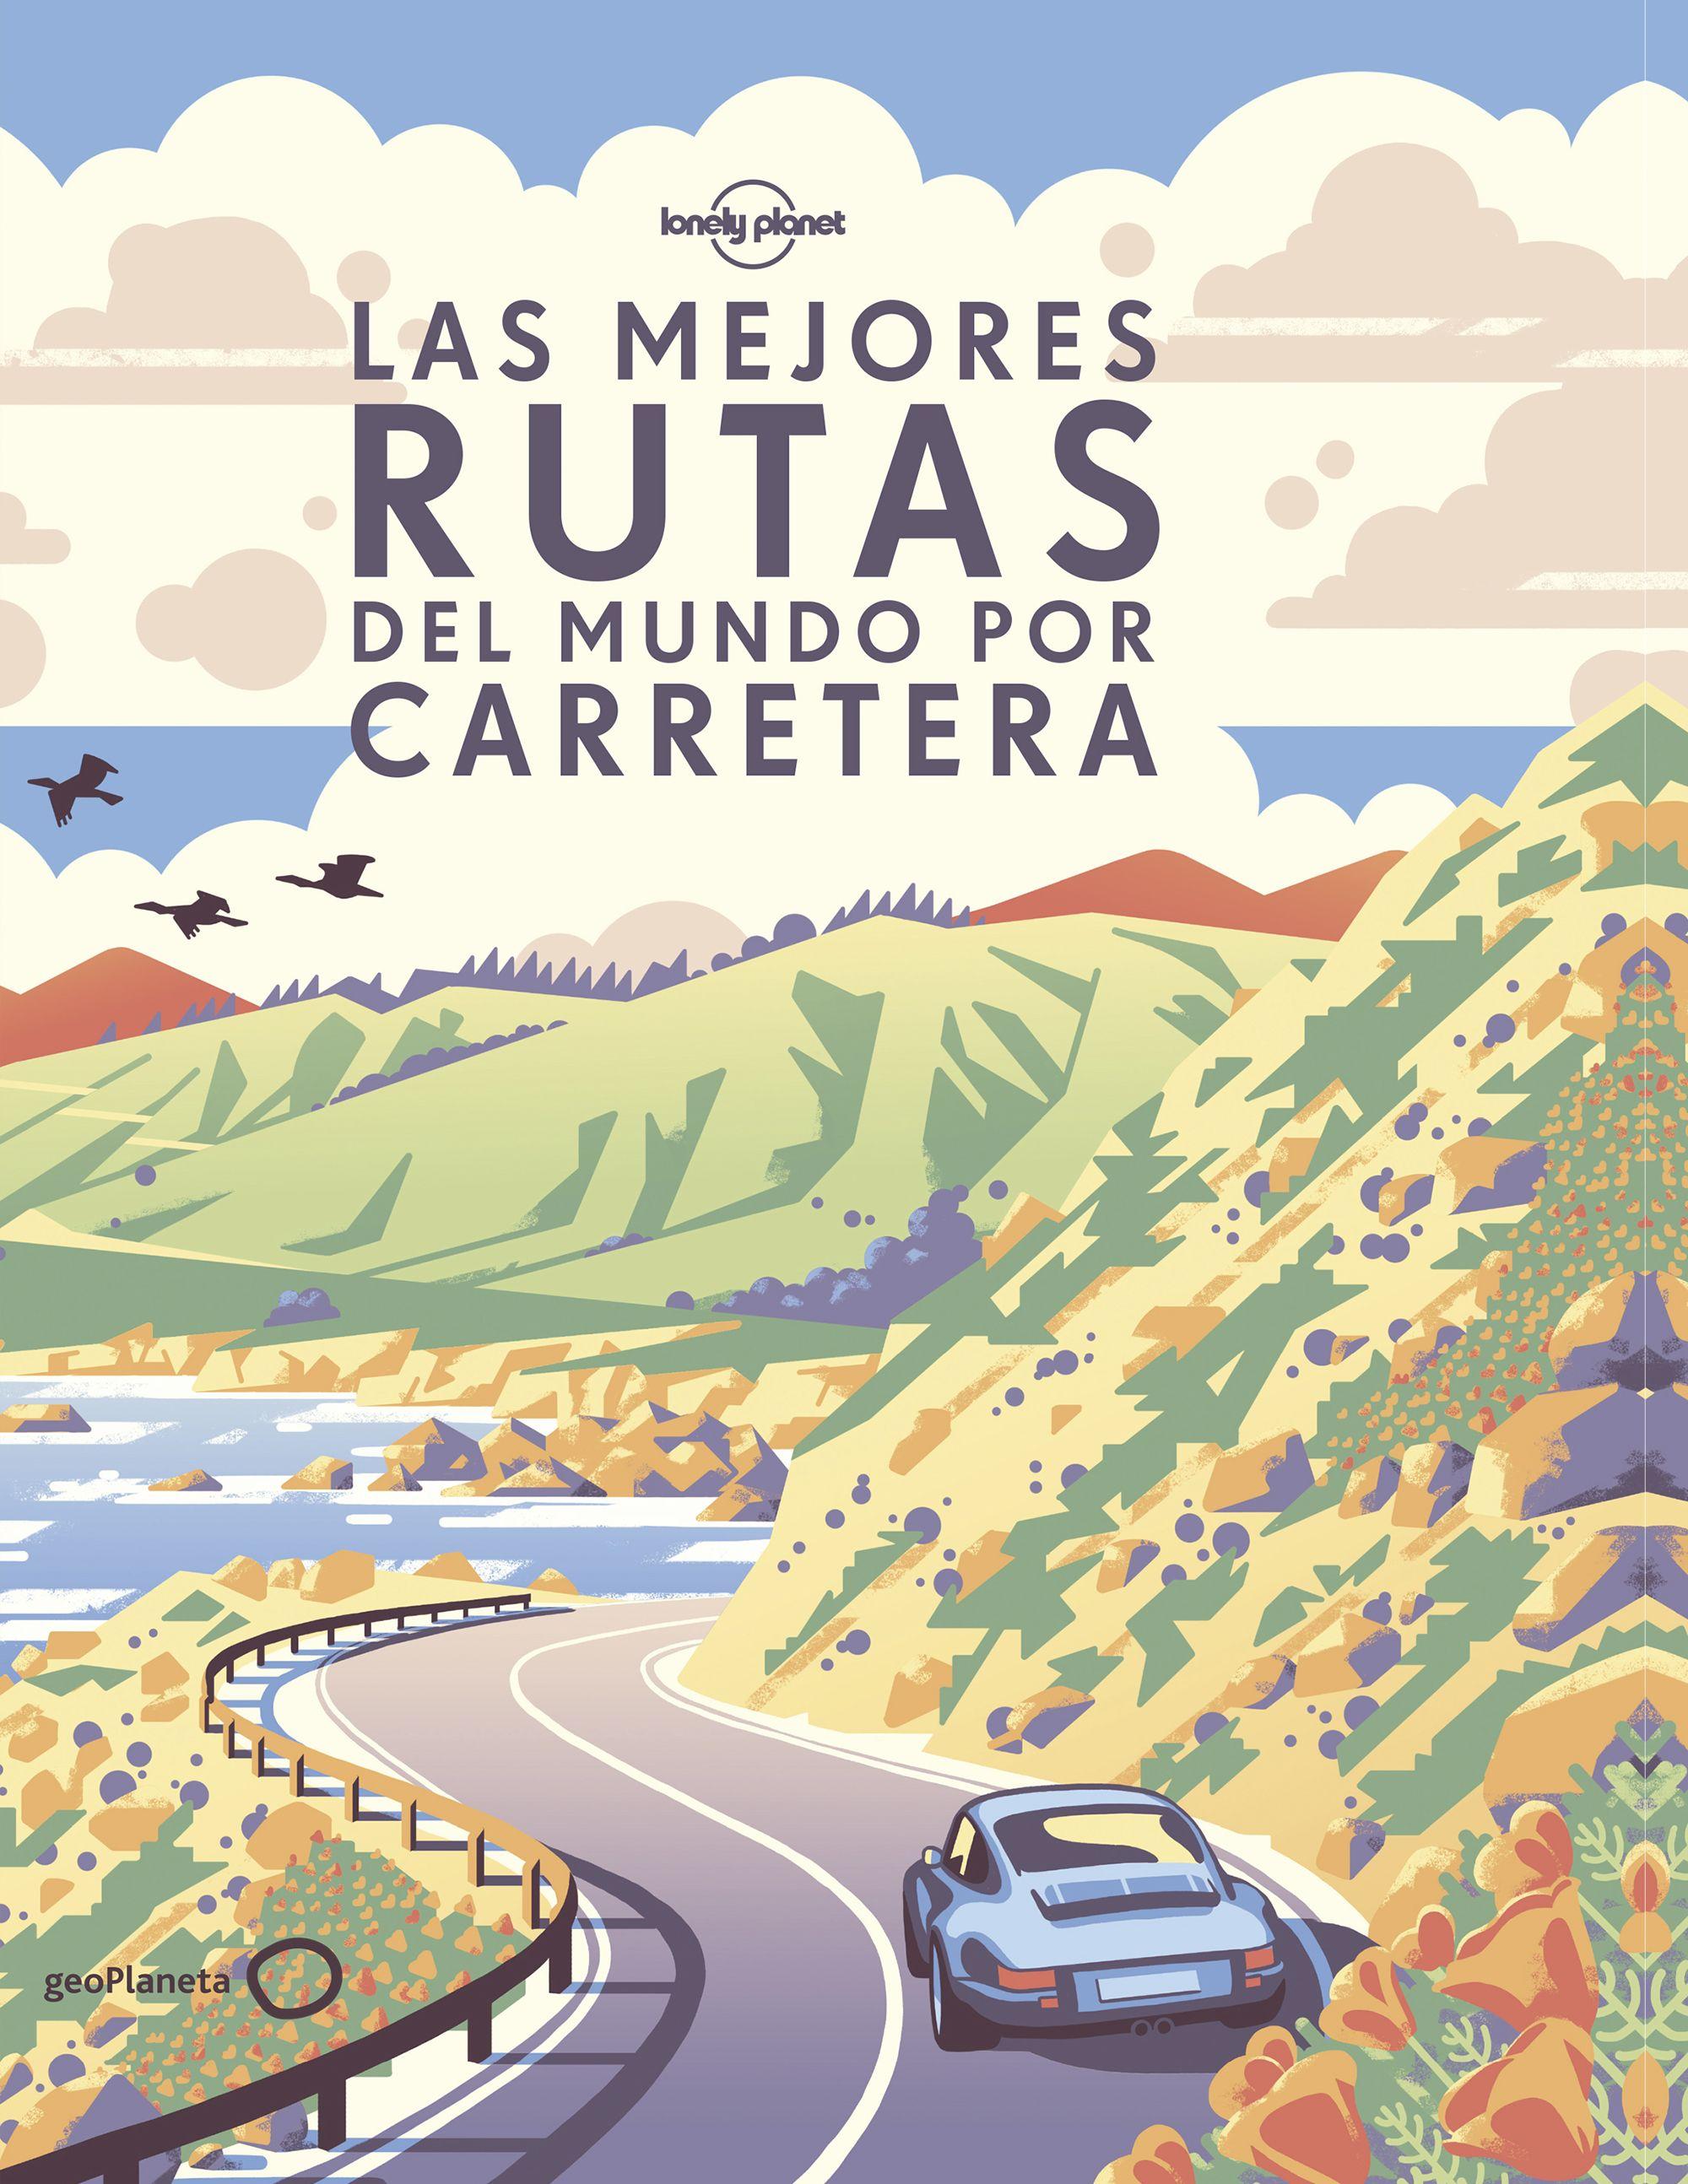 Guía Guía Las mejores rutas del mundo por carretera